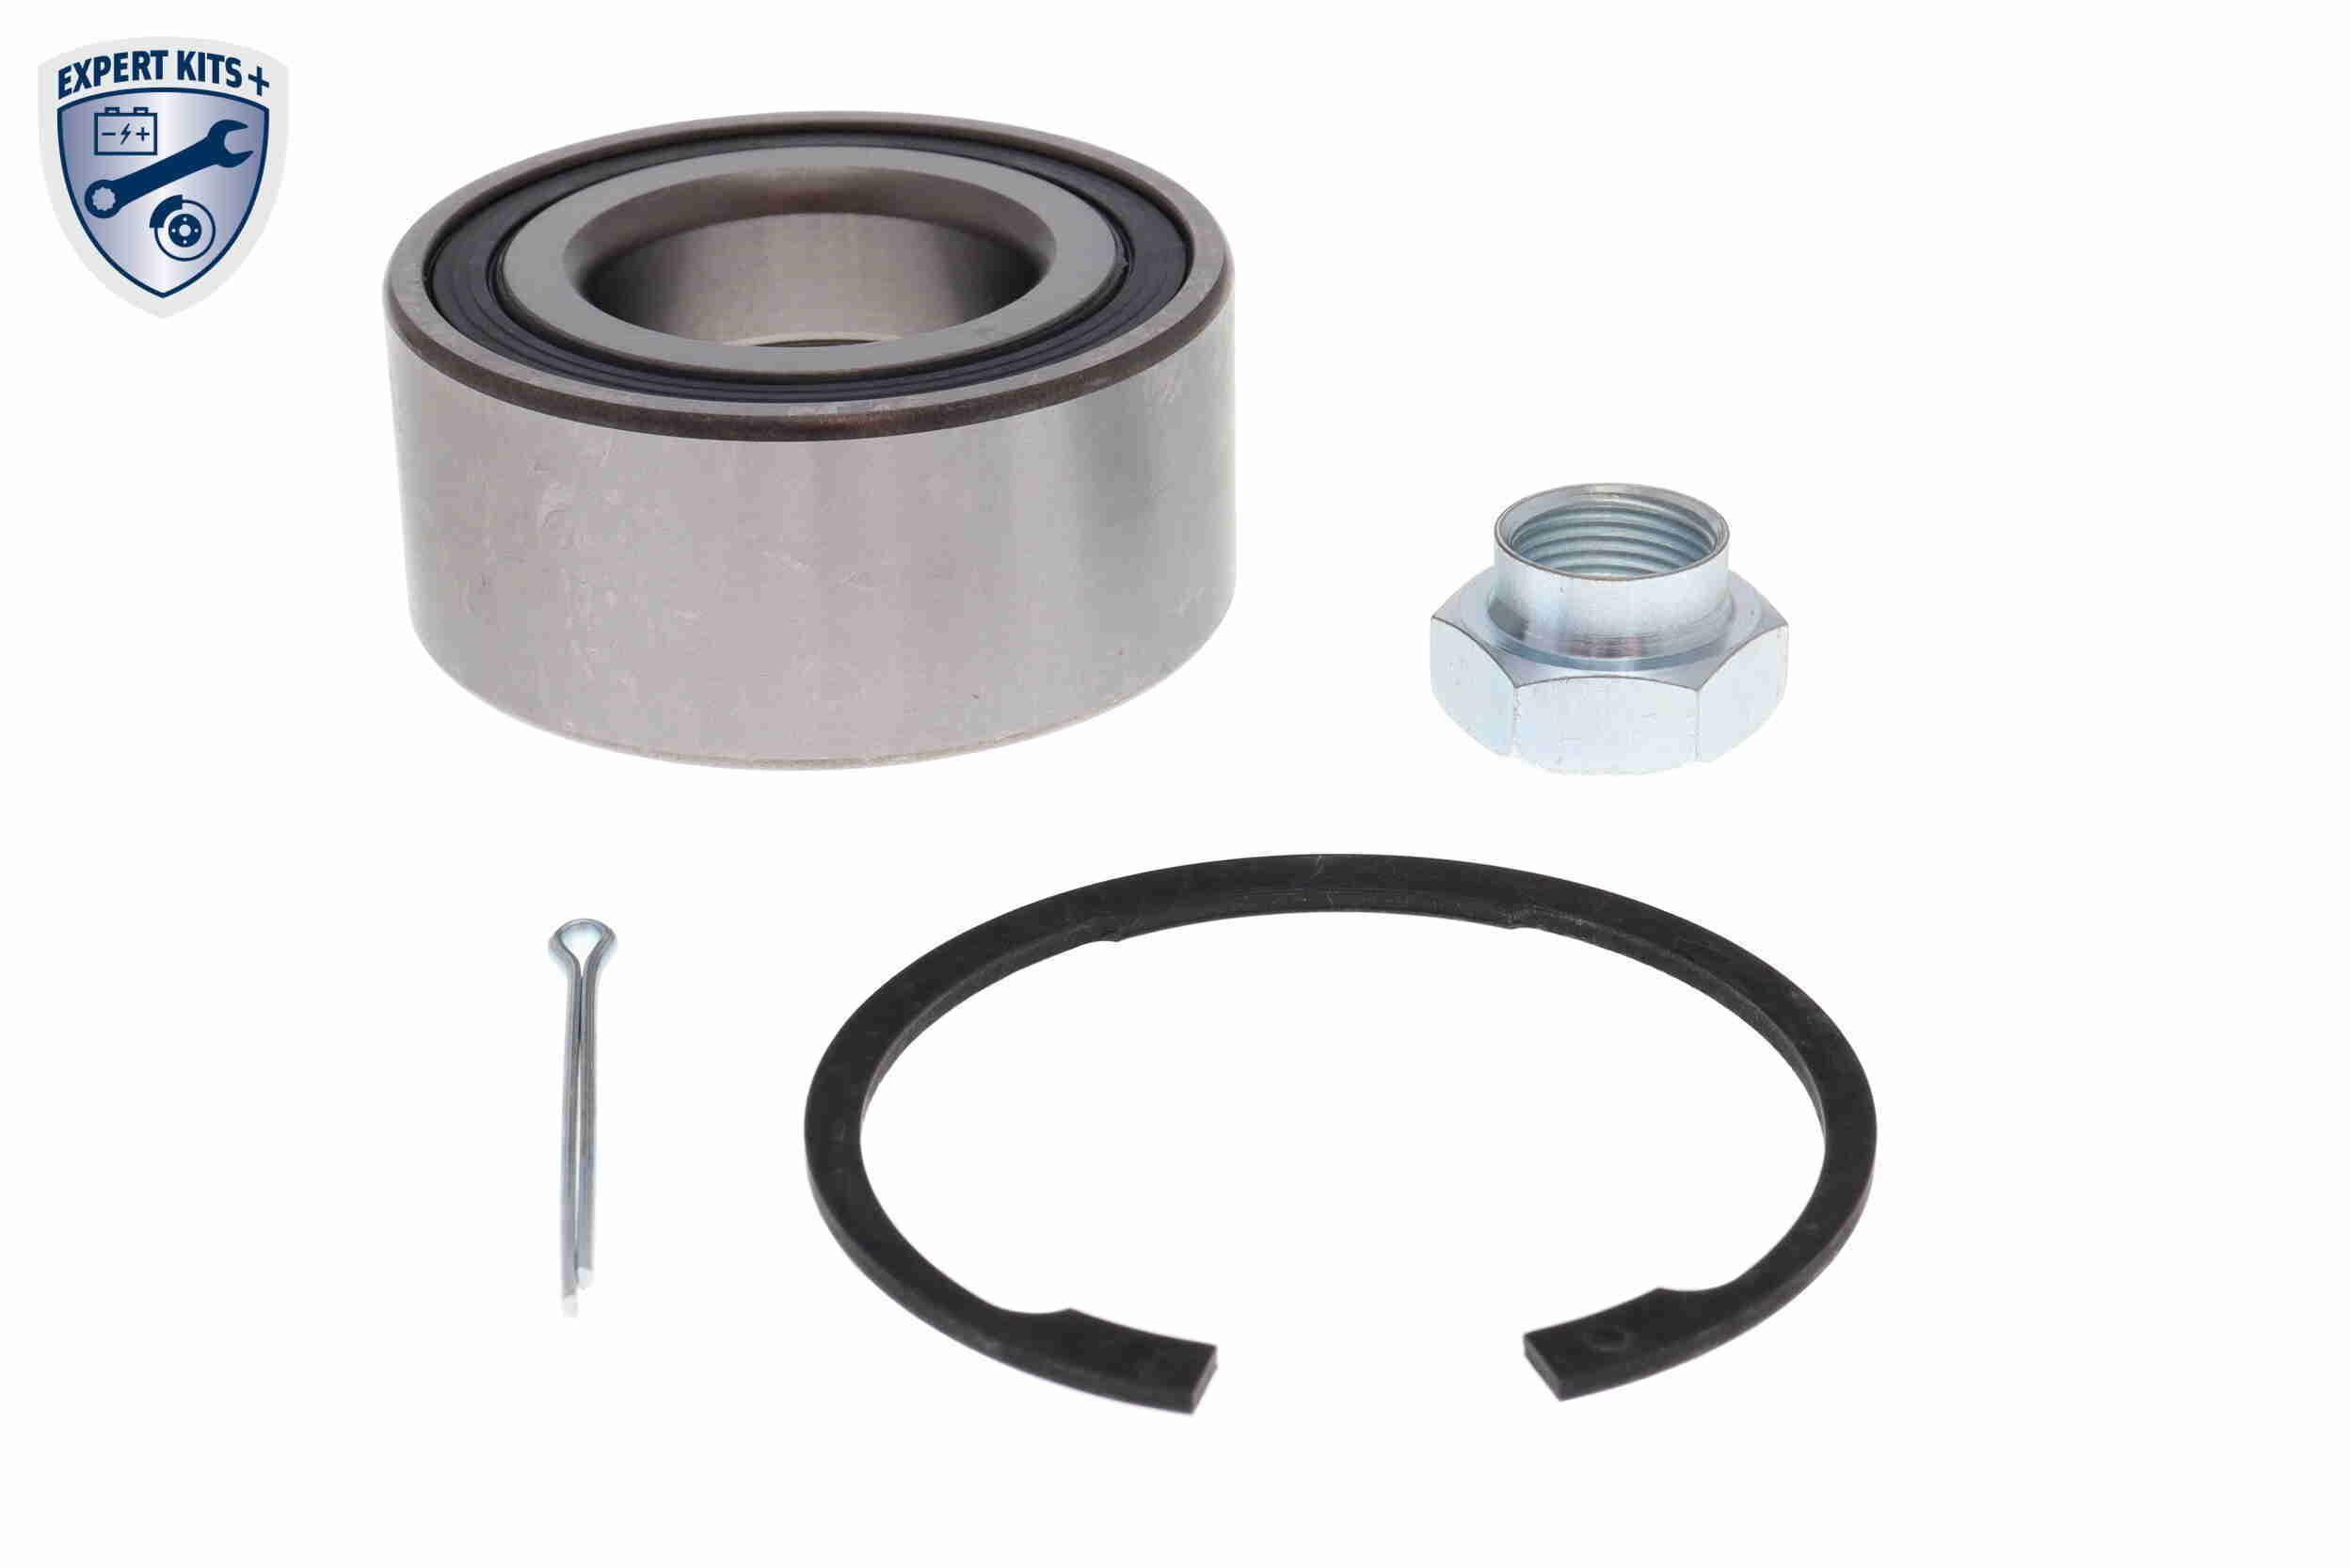 Купете V42-0058 VAICO дясно, ляво, CST98, с предпазен пръстен Ø: 82мм, вътрешен диаметър: 42мм Комплект колесен лагер V42-0058 евтино